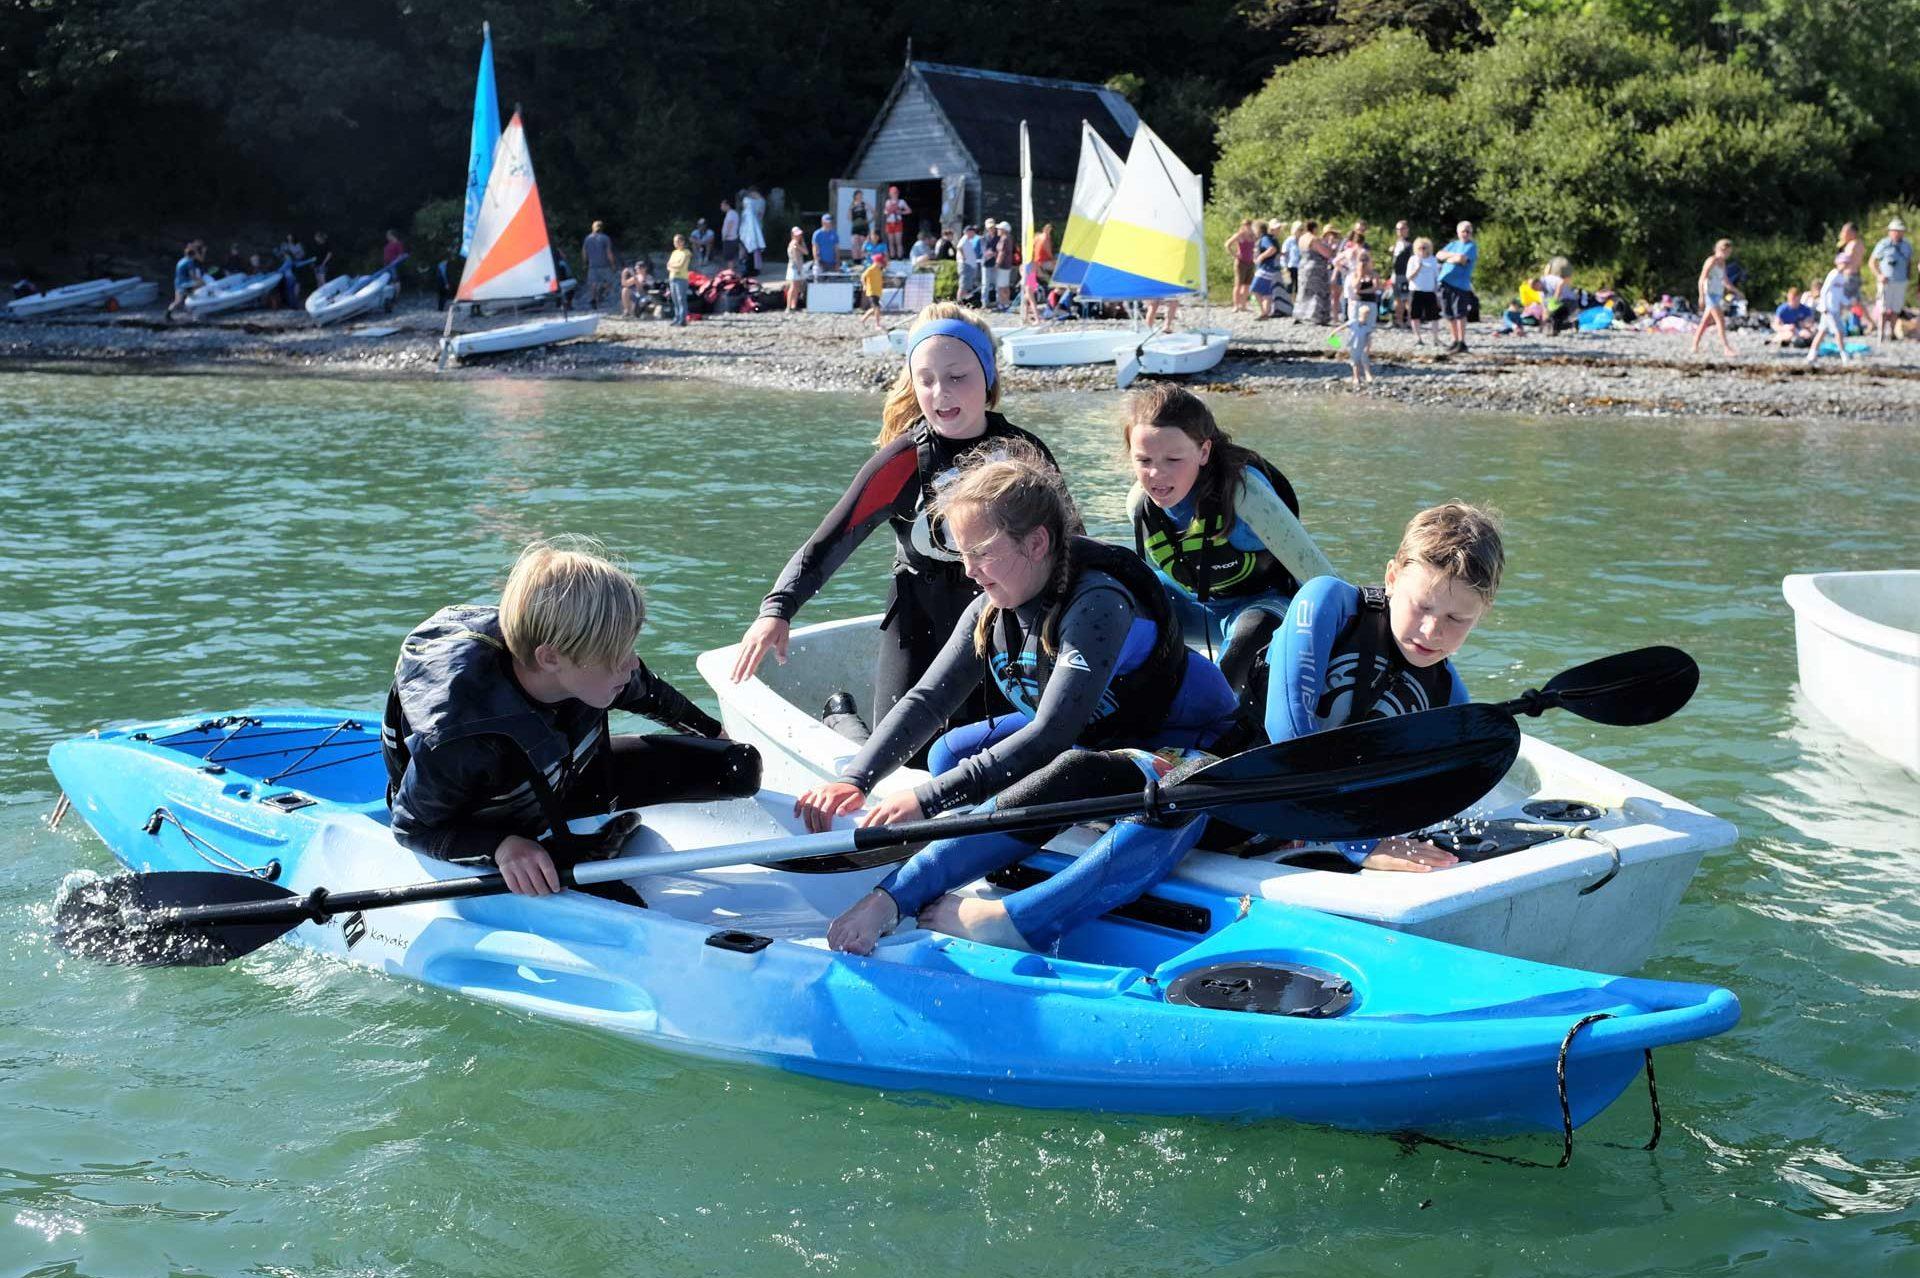 HRCST-schools-regatta-04.07.19-5